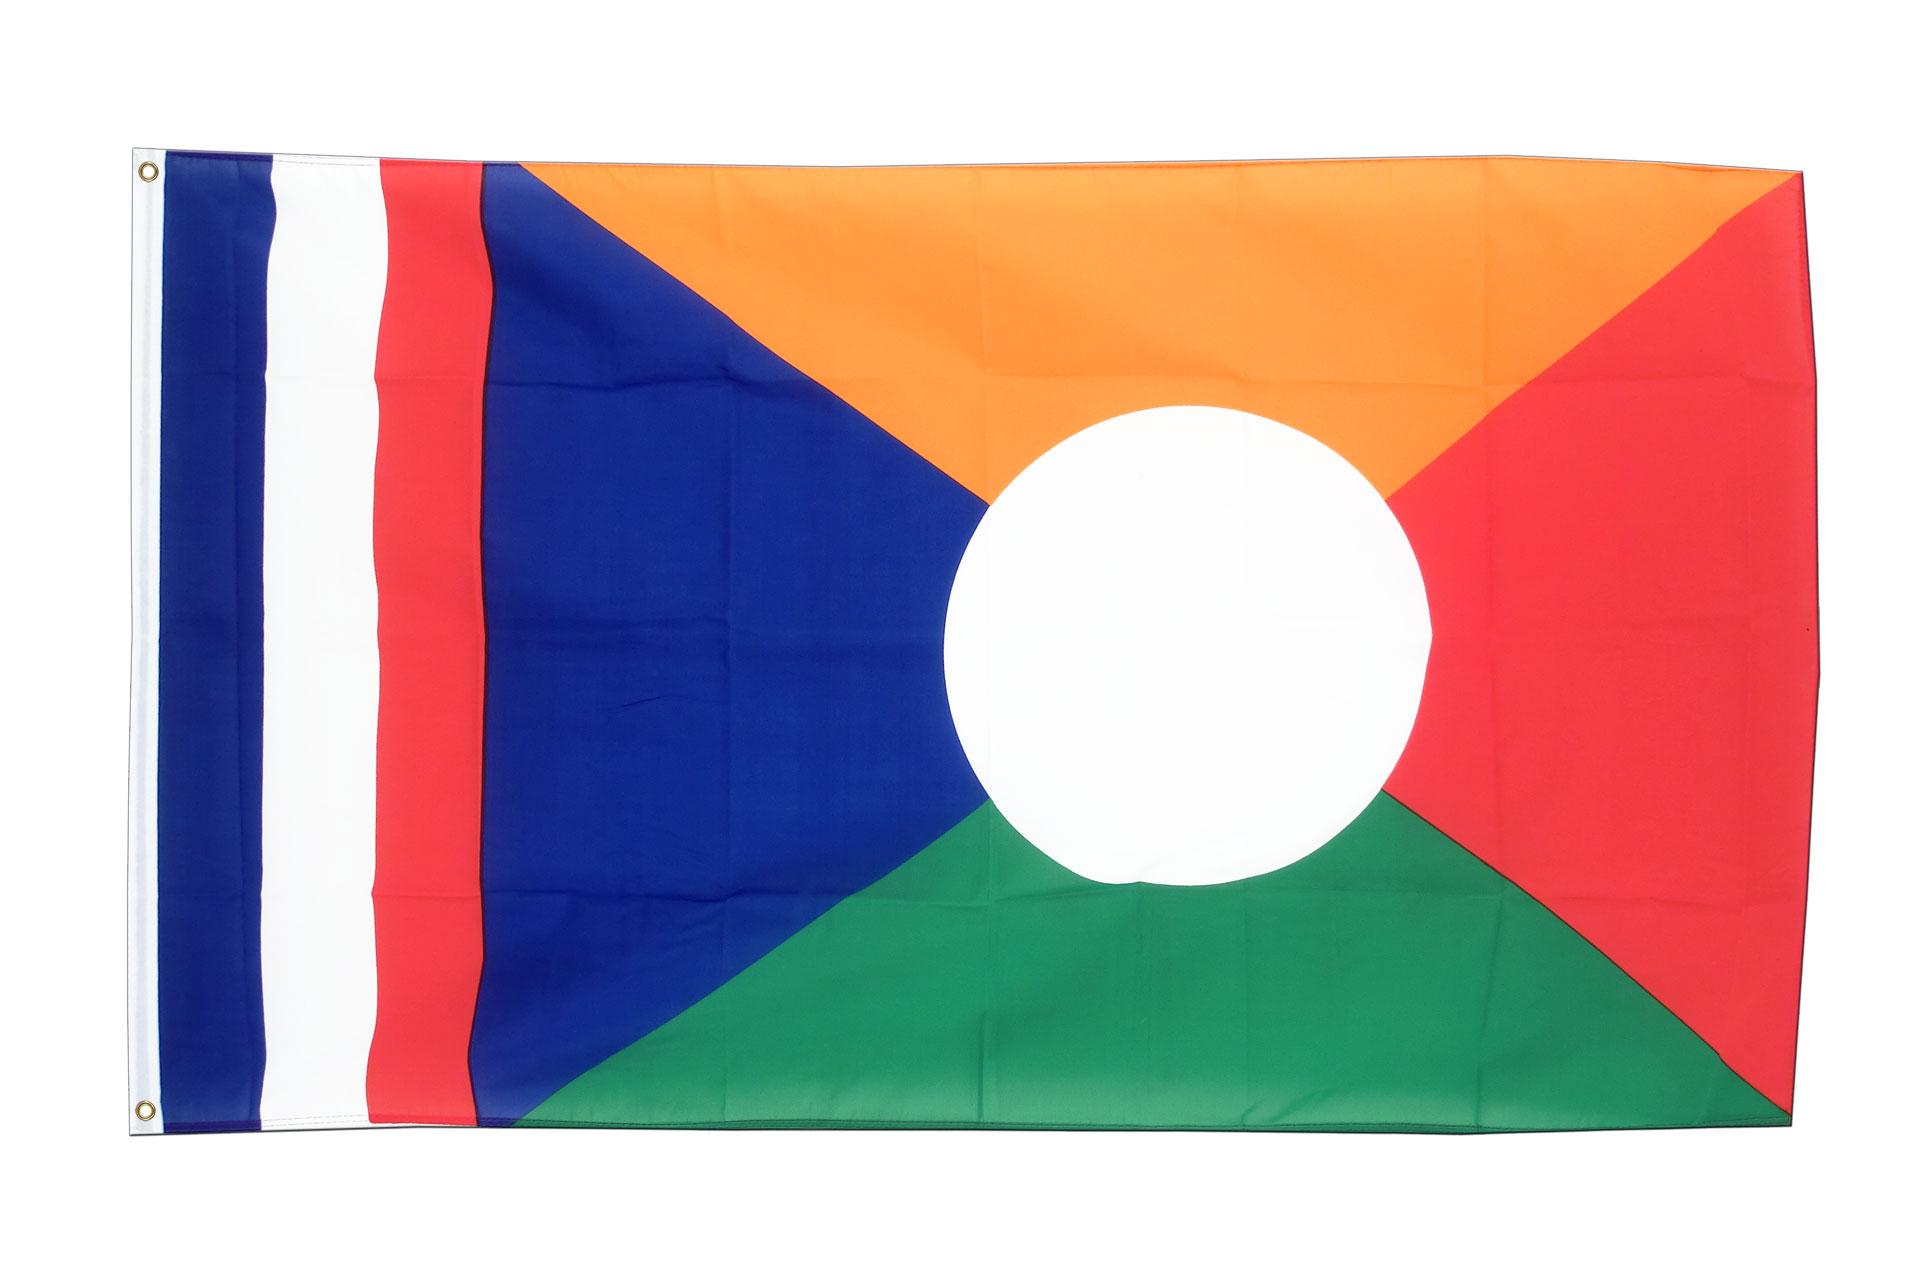 acheter drapeau r union 90 x 150 cm monsieur des drapeaux. Black Bedroom Furniture Sets. Home Design Ideas